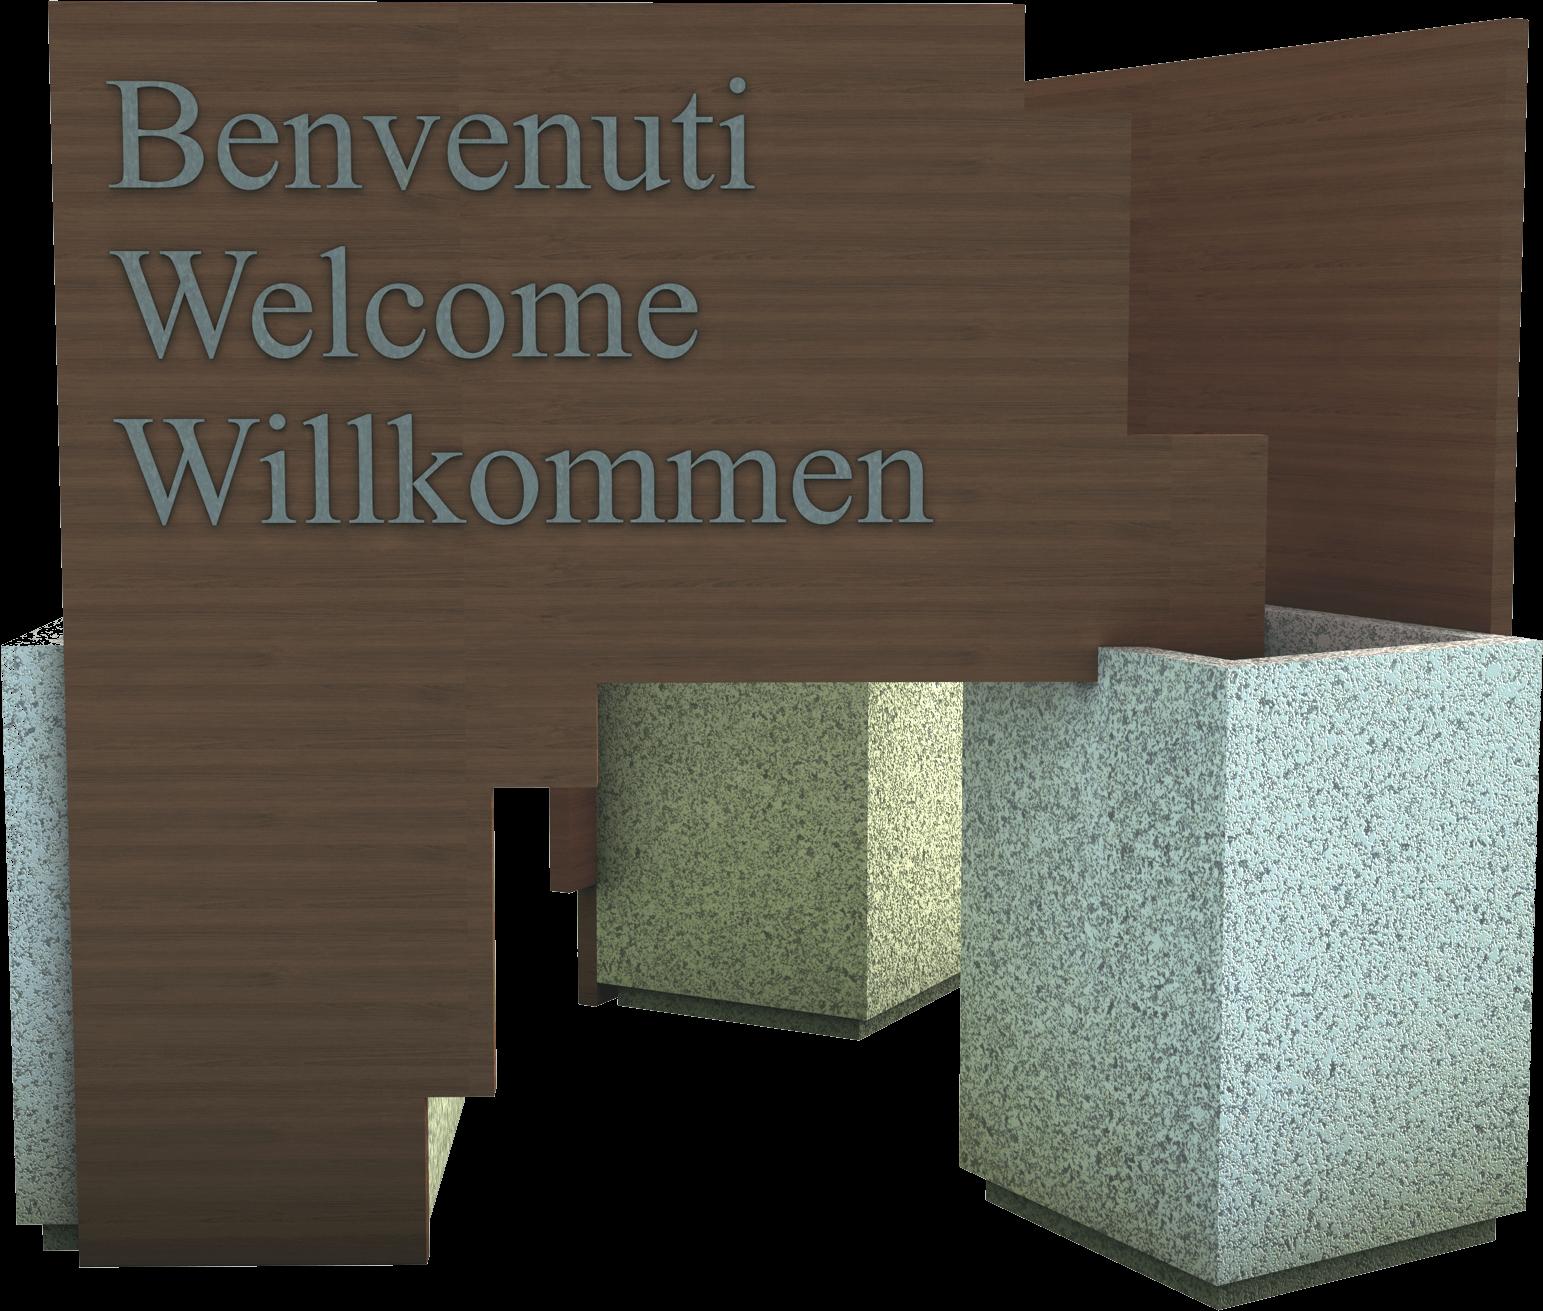 Bacheca di benvenuto ingresso città in legno di pino nordico impregnato o larice realizzato da Linea Montanalegno - ILT